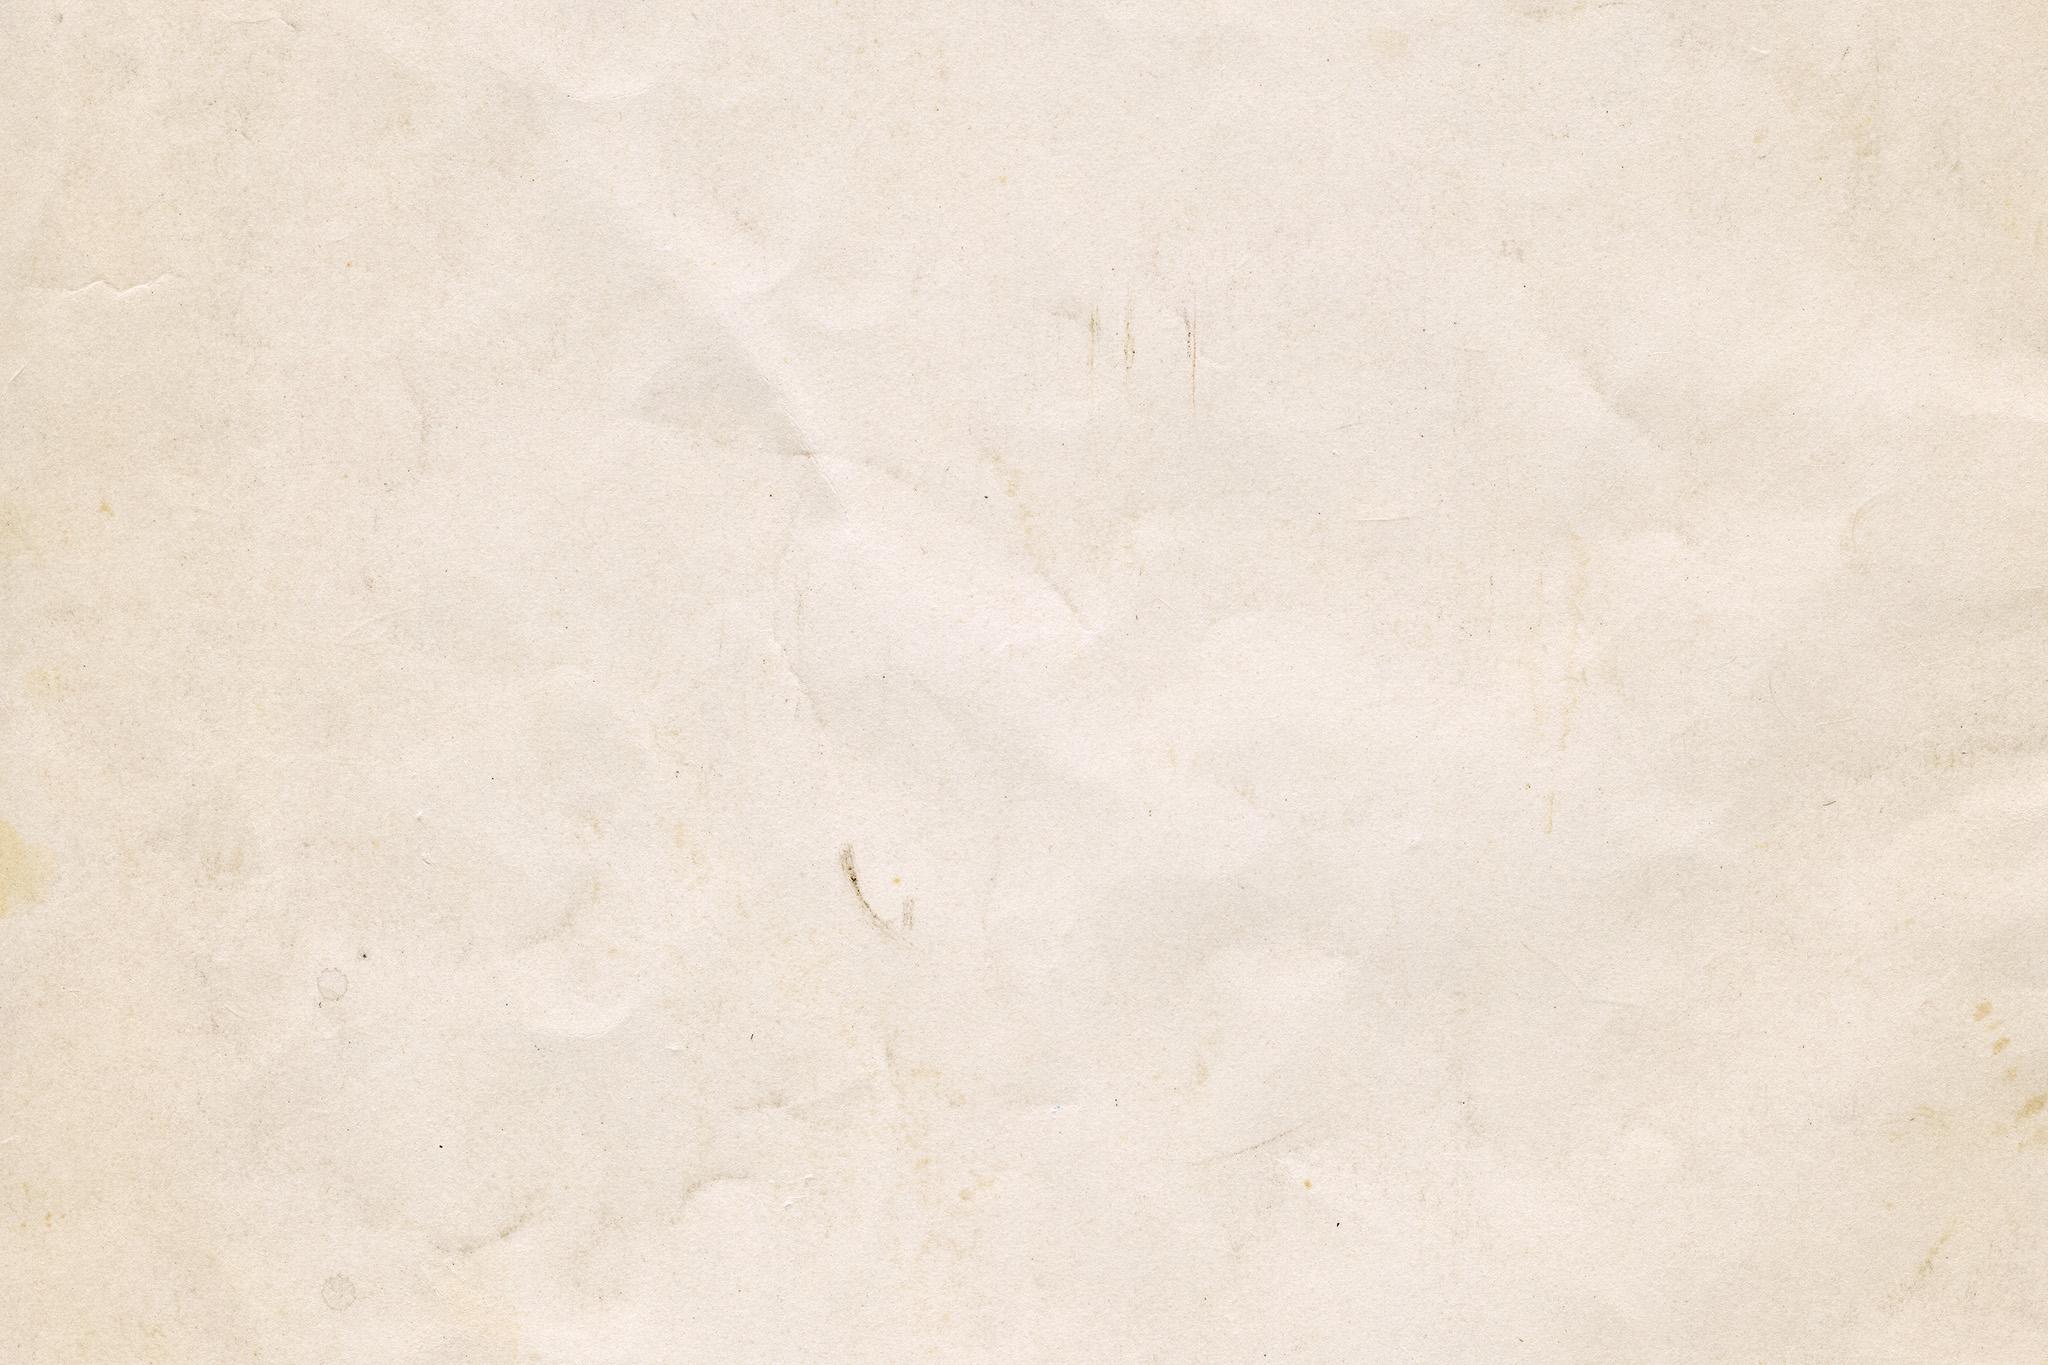 「使用感ある汚れた紙のテクスチャ」